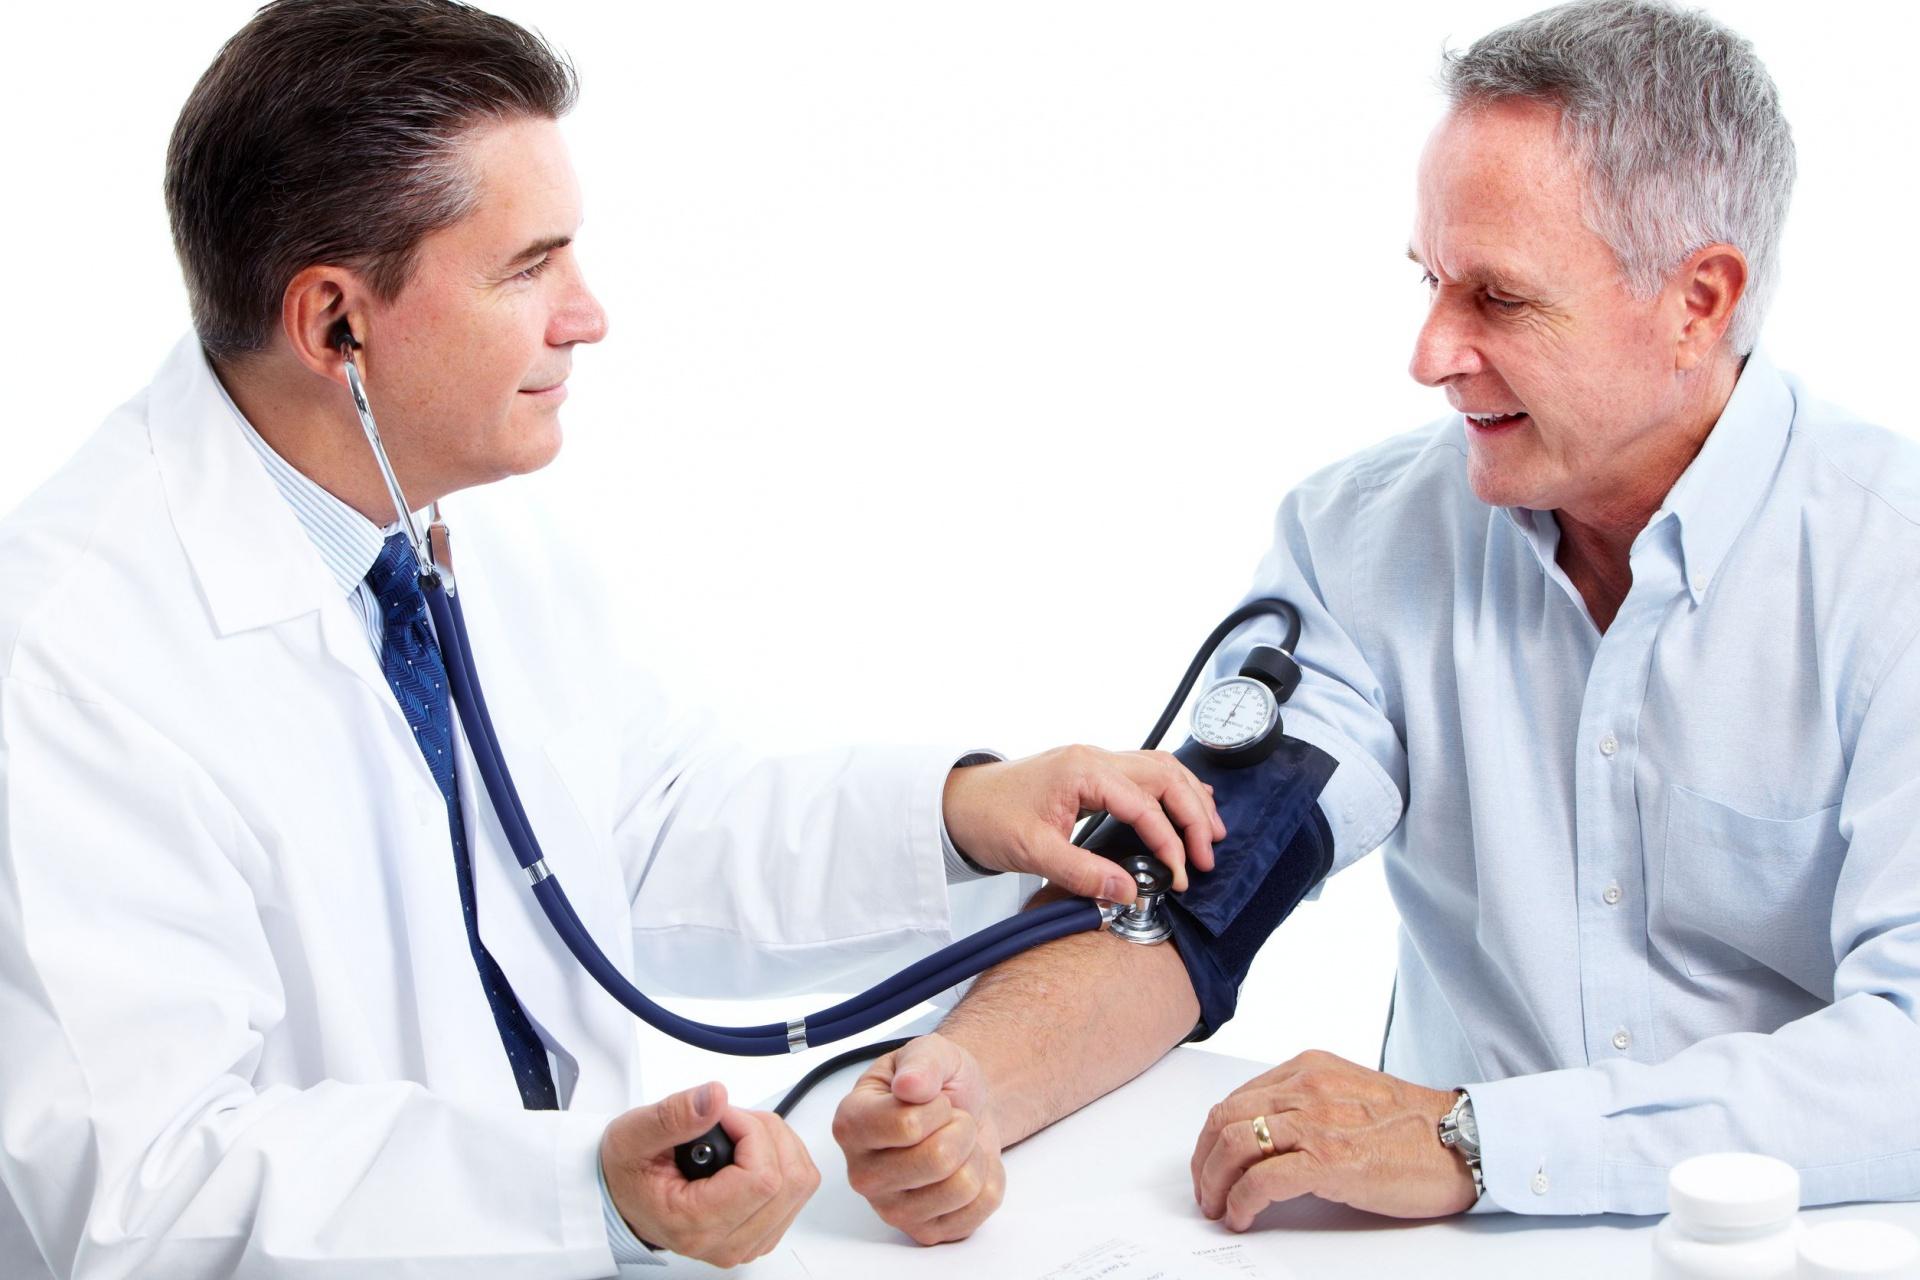 Új kutatási eredmények a kardiológia területén..